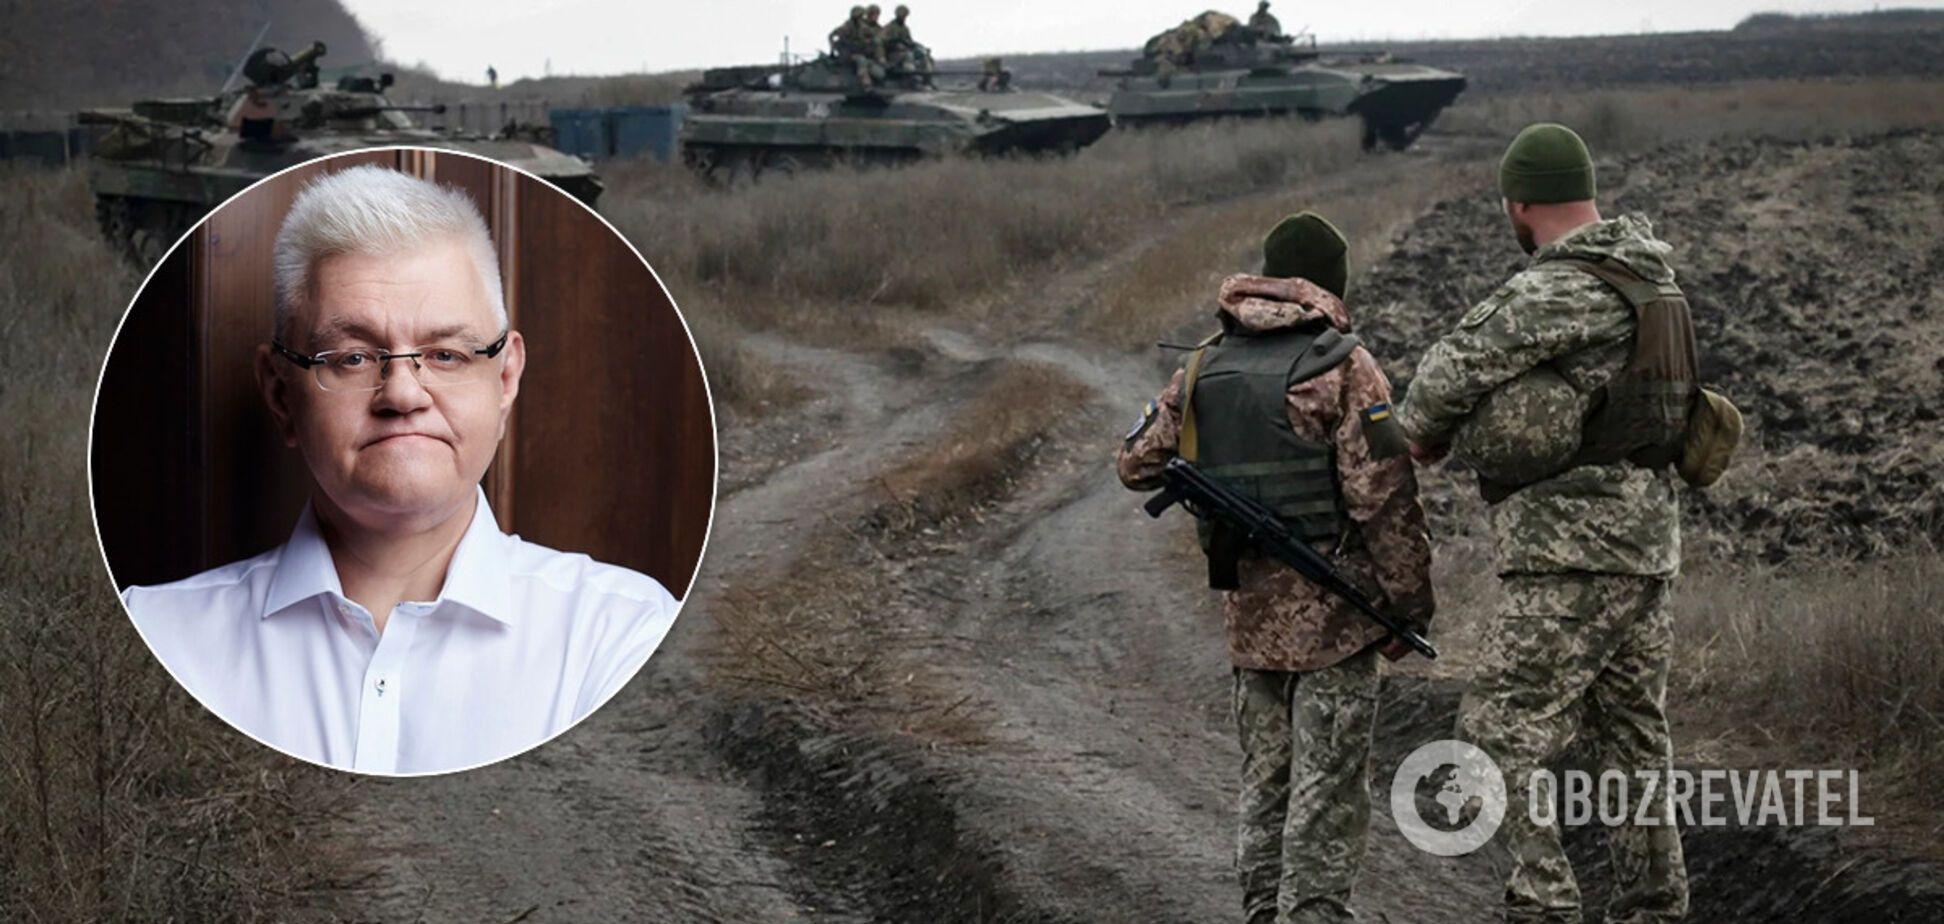 Сивохо снова заявил о гражданской войне на Донбассе: есть три 'слоя'